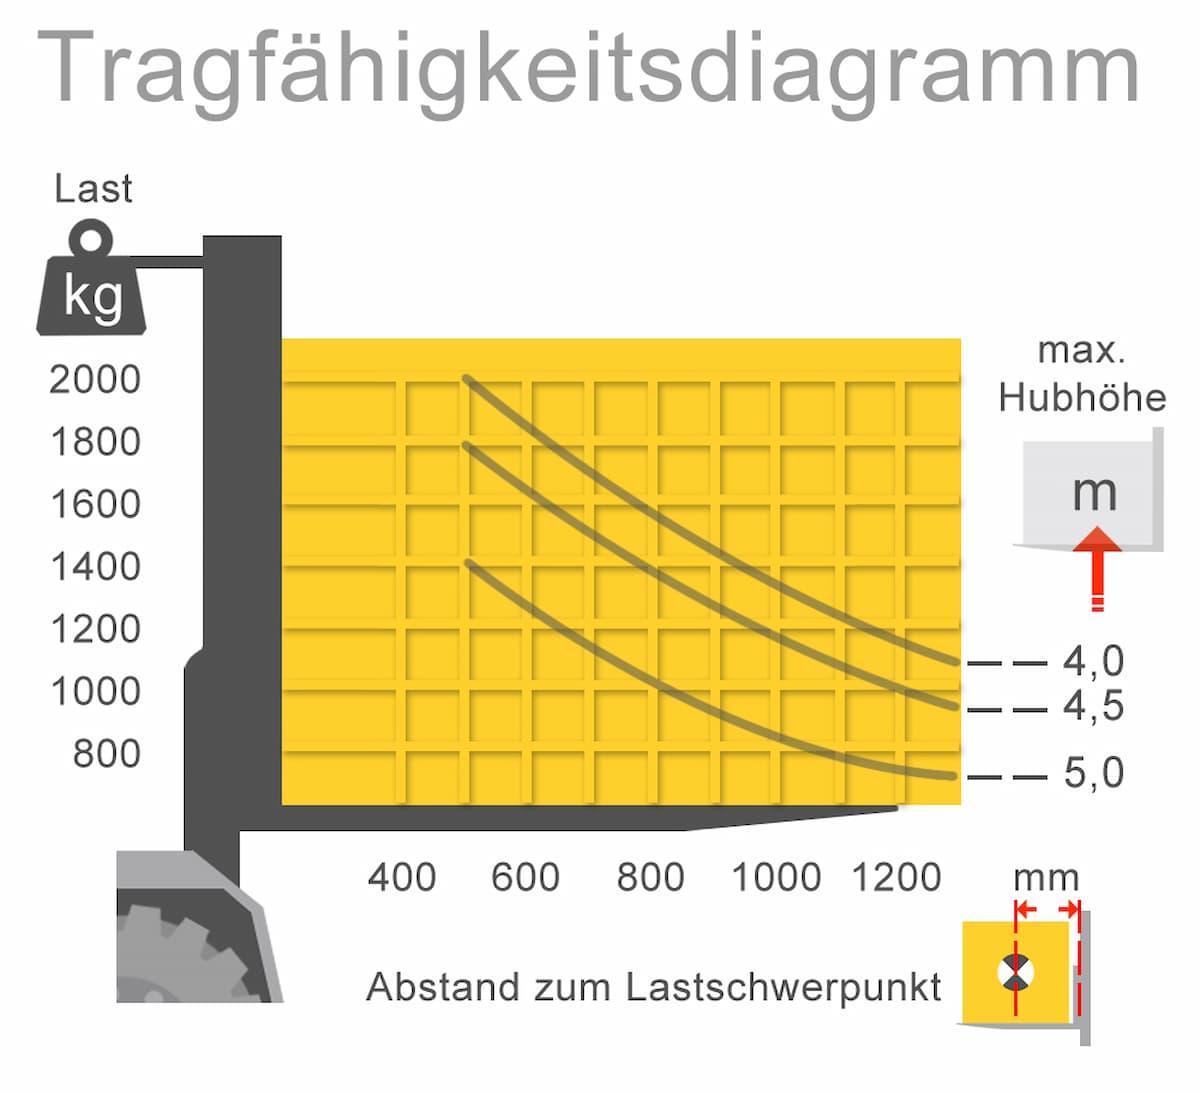 Beispiel eines Tragfähigkeitsdiagramms